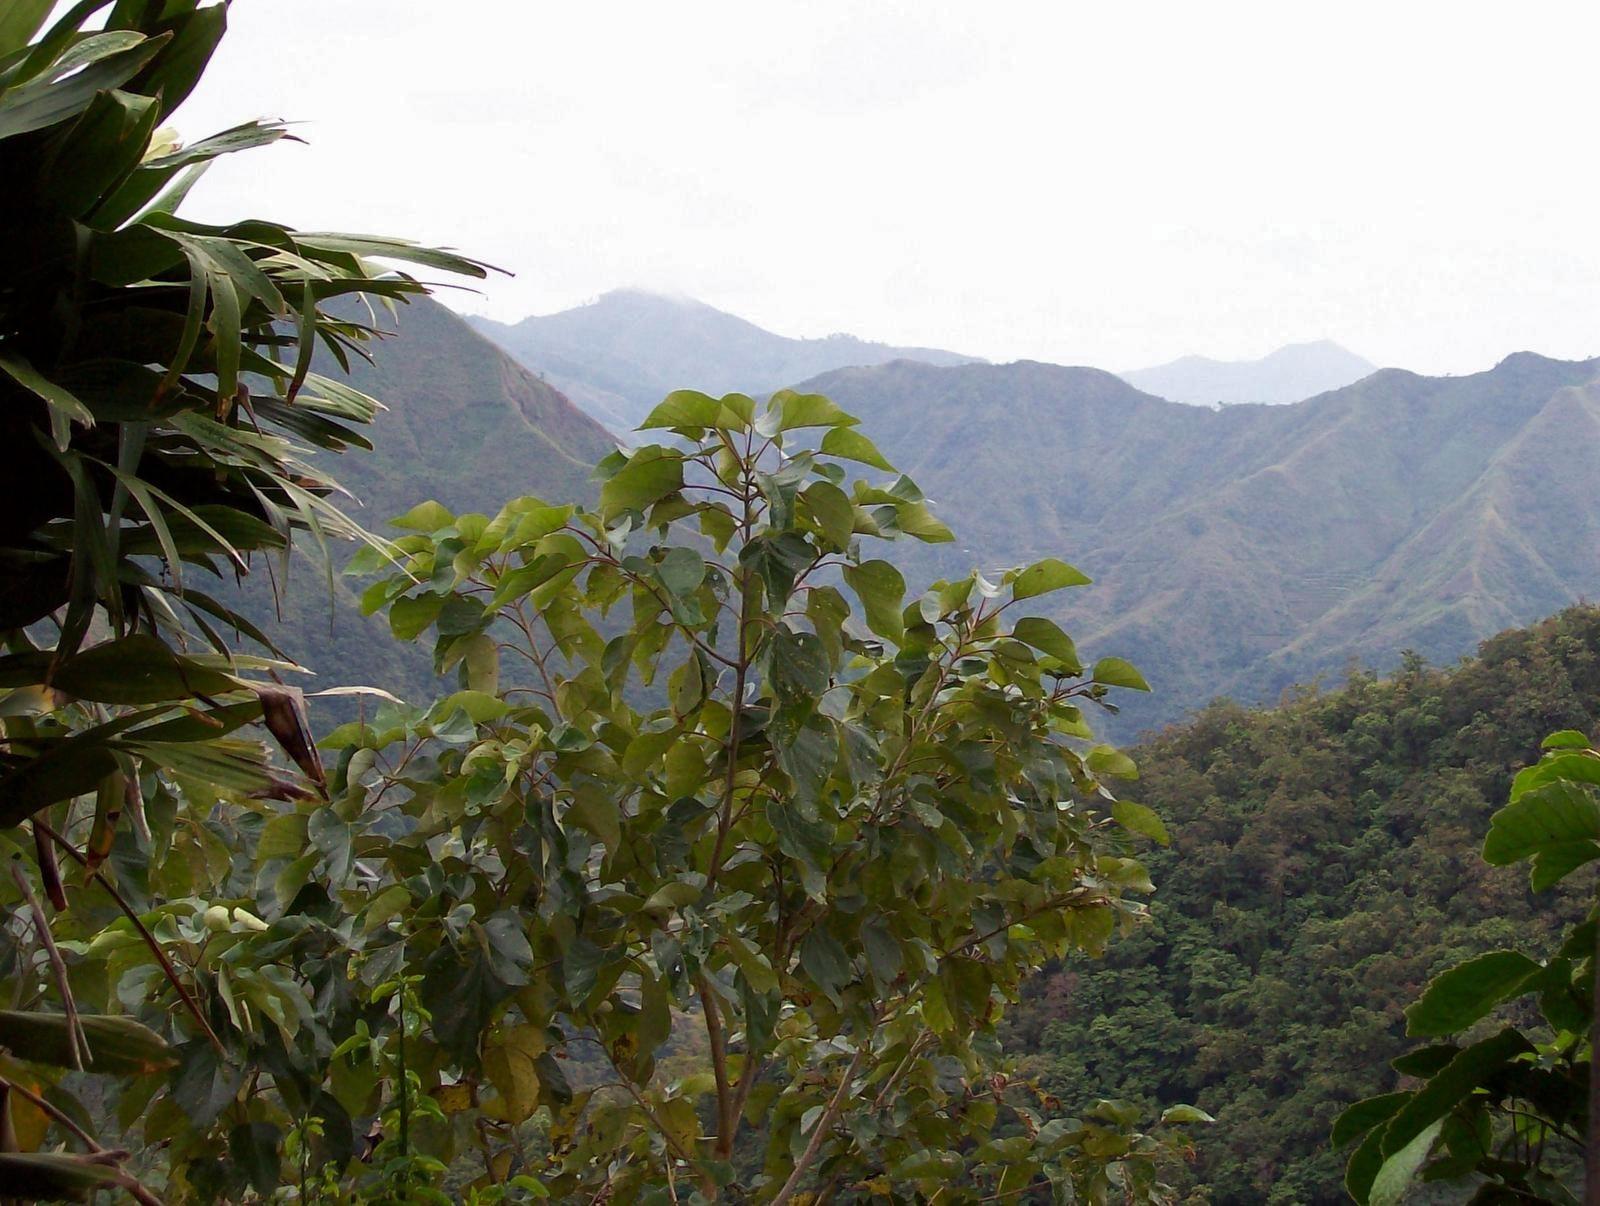 Wanderung in den Kordilleren - Luzon